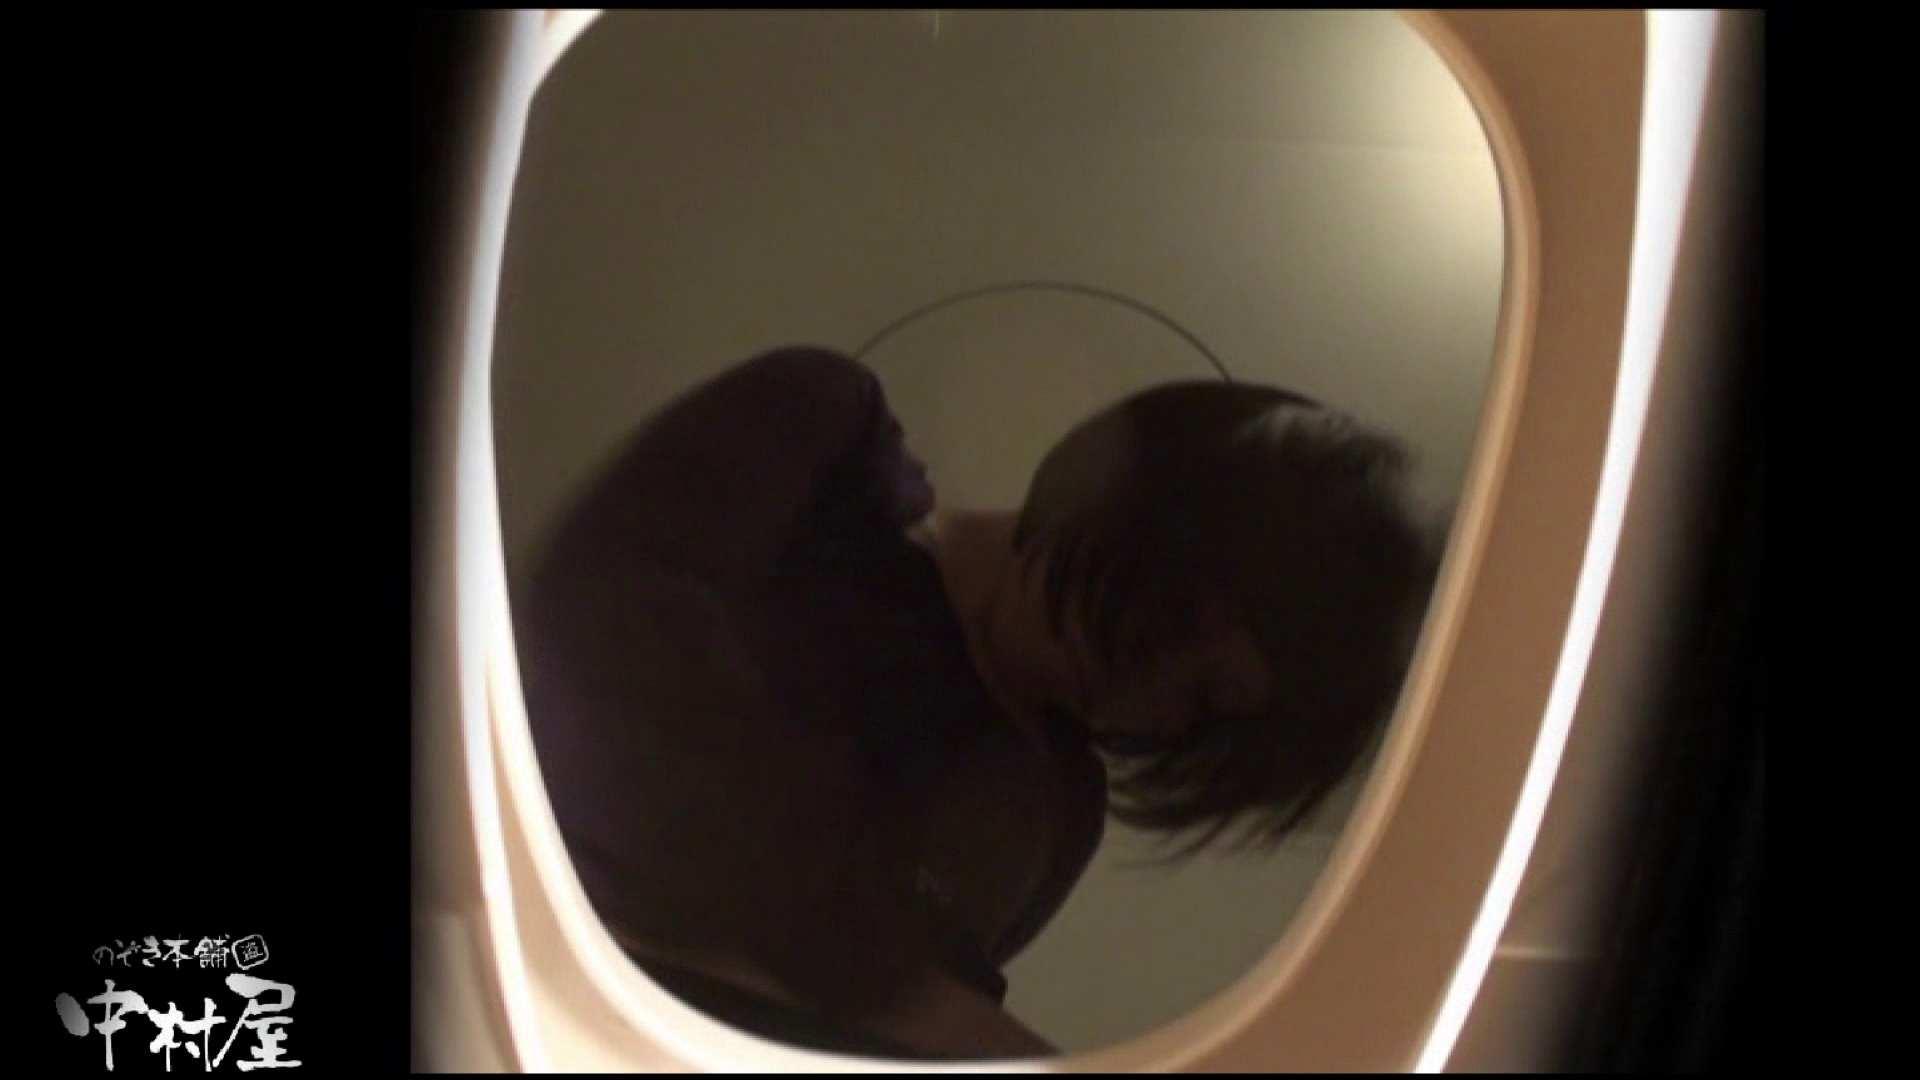 飛び出す黄金水!!!アトレ潜入 かわや盗撮 vol.01 黄金水 エロ画像 89PIX 49